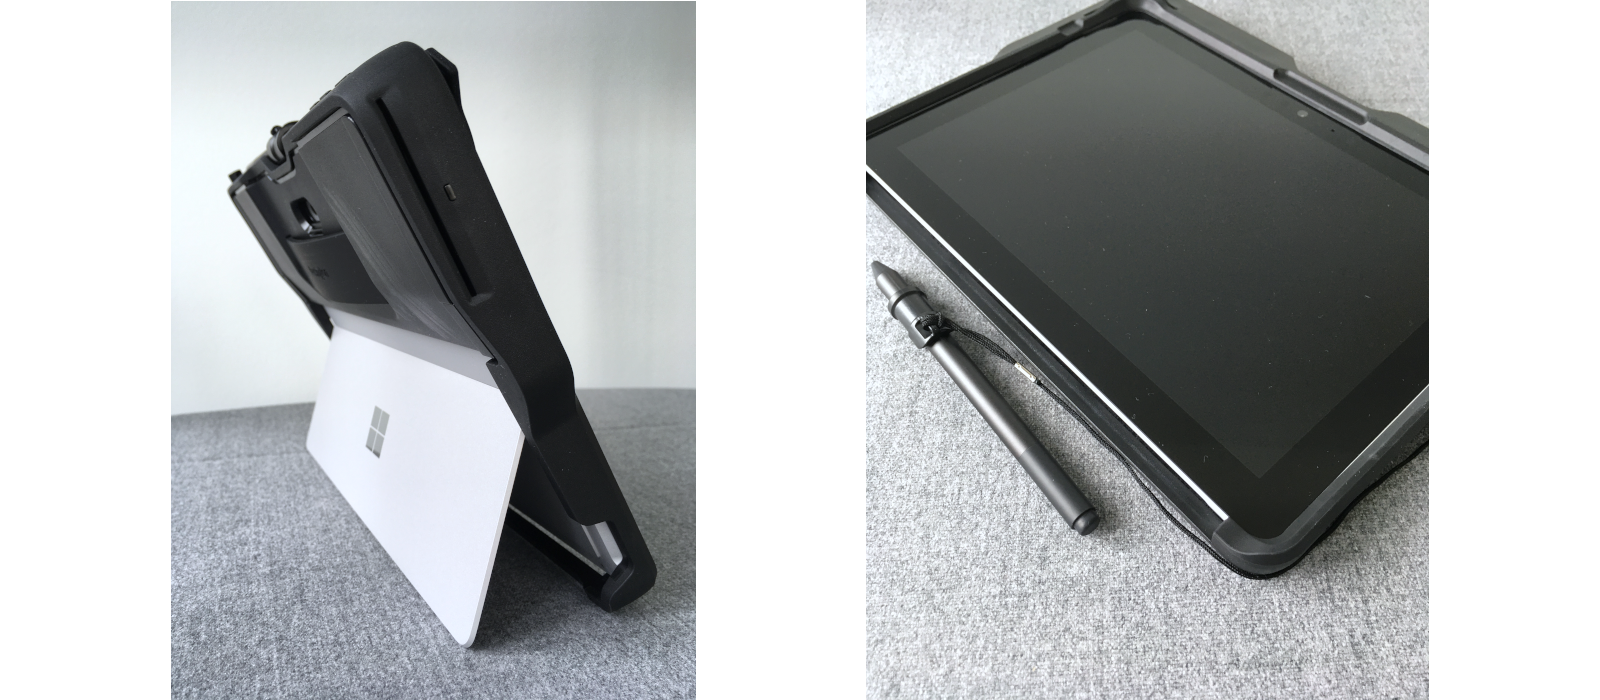 Das Kensington® BlackBelt™ Rugged Case für das Surface Go und Surface Go 2 mit CAC-Kartenlesegerät und Stifthalter für den Surface Pen  St